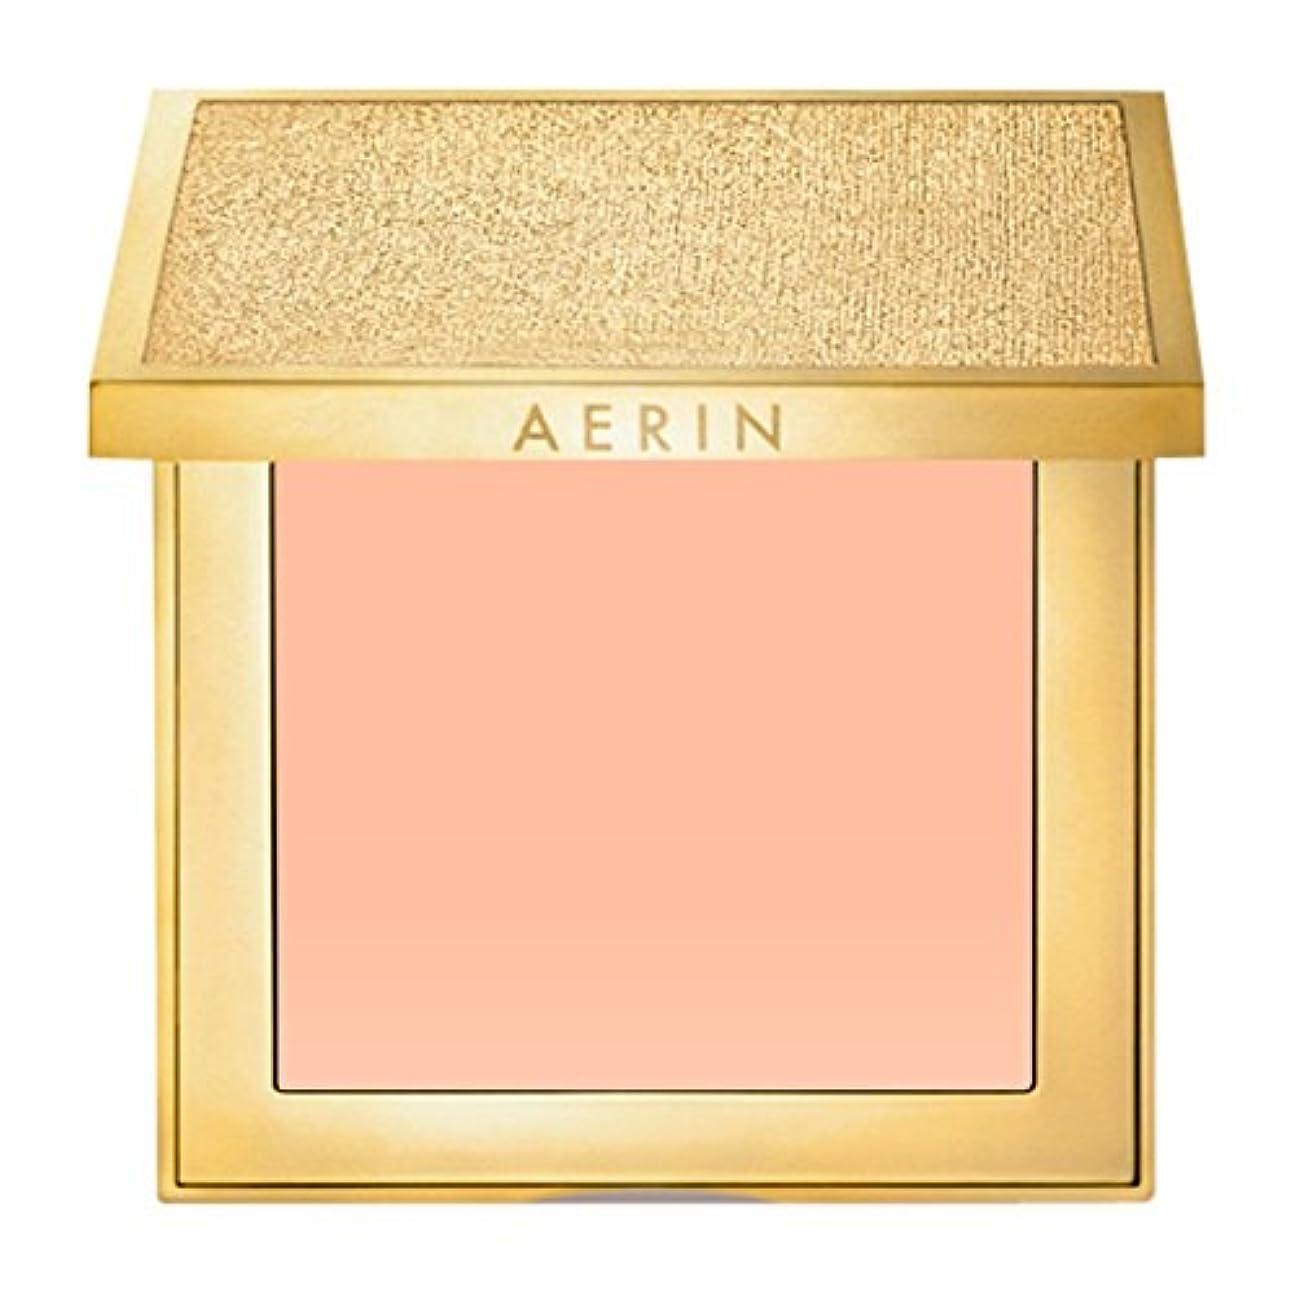 罰極めて重要な節約するAerin新鮮な肌コンパクトメイクアップレベル3 (AERIN) (x6) - AERIN Fresh Skin Compact Makeup Level 3 (Pack of 6) [並行輸入品]